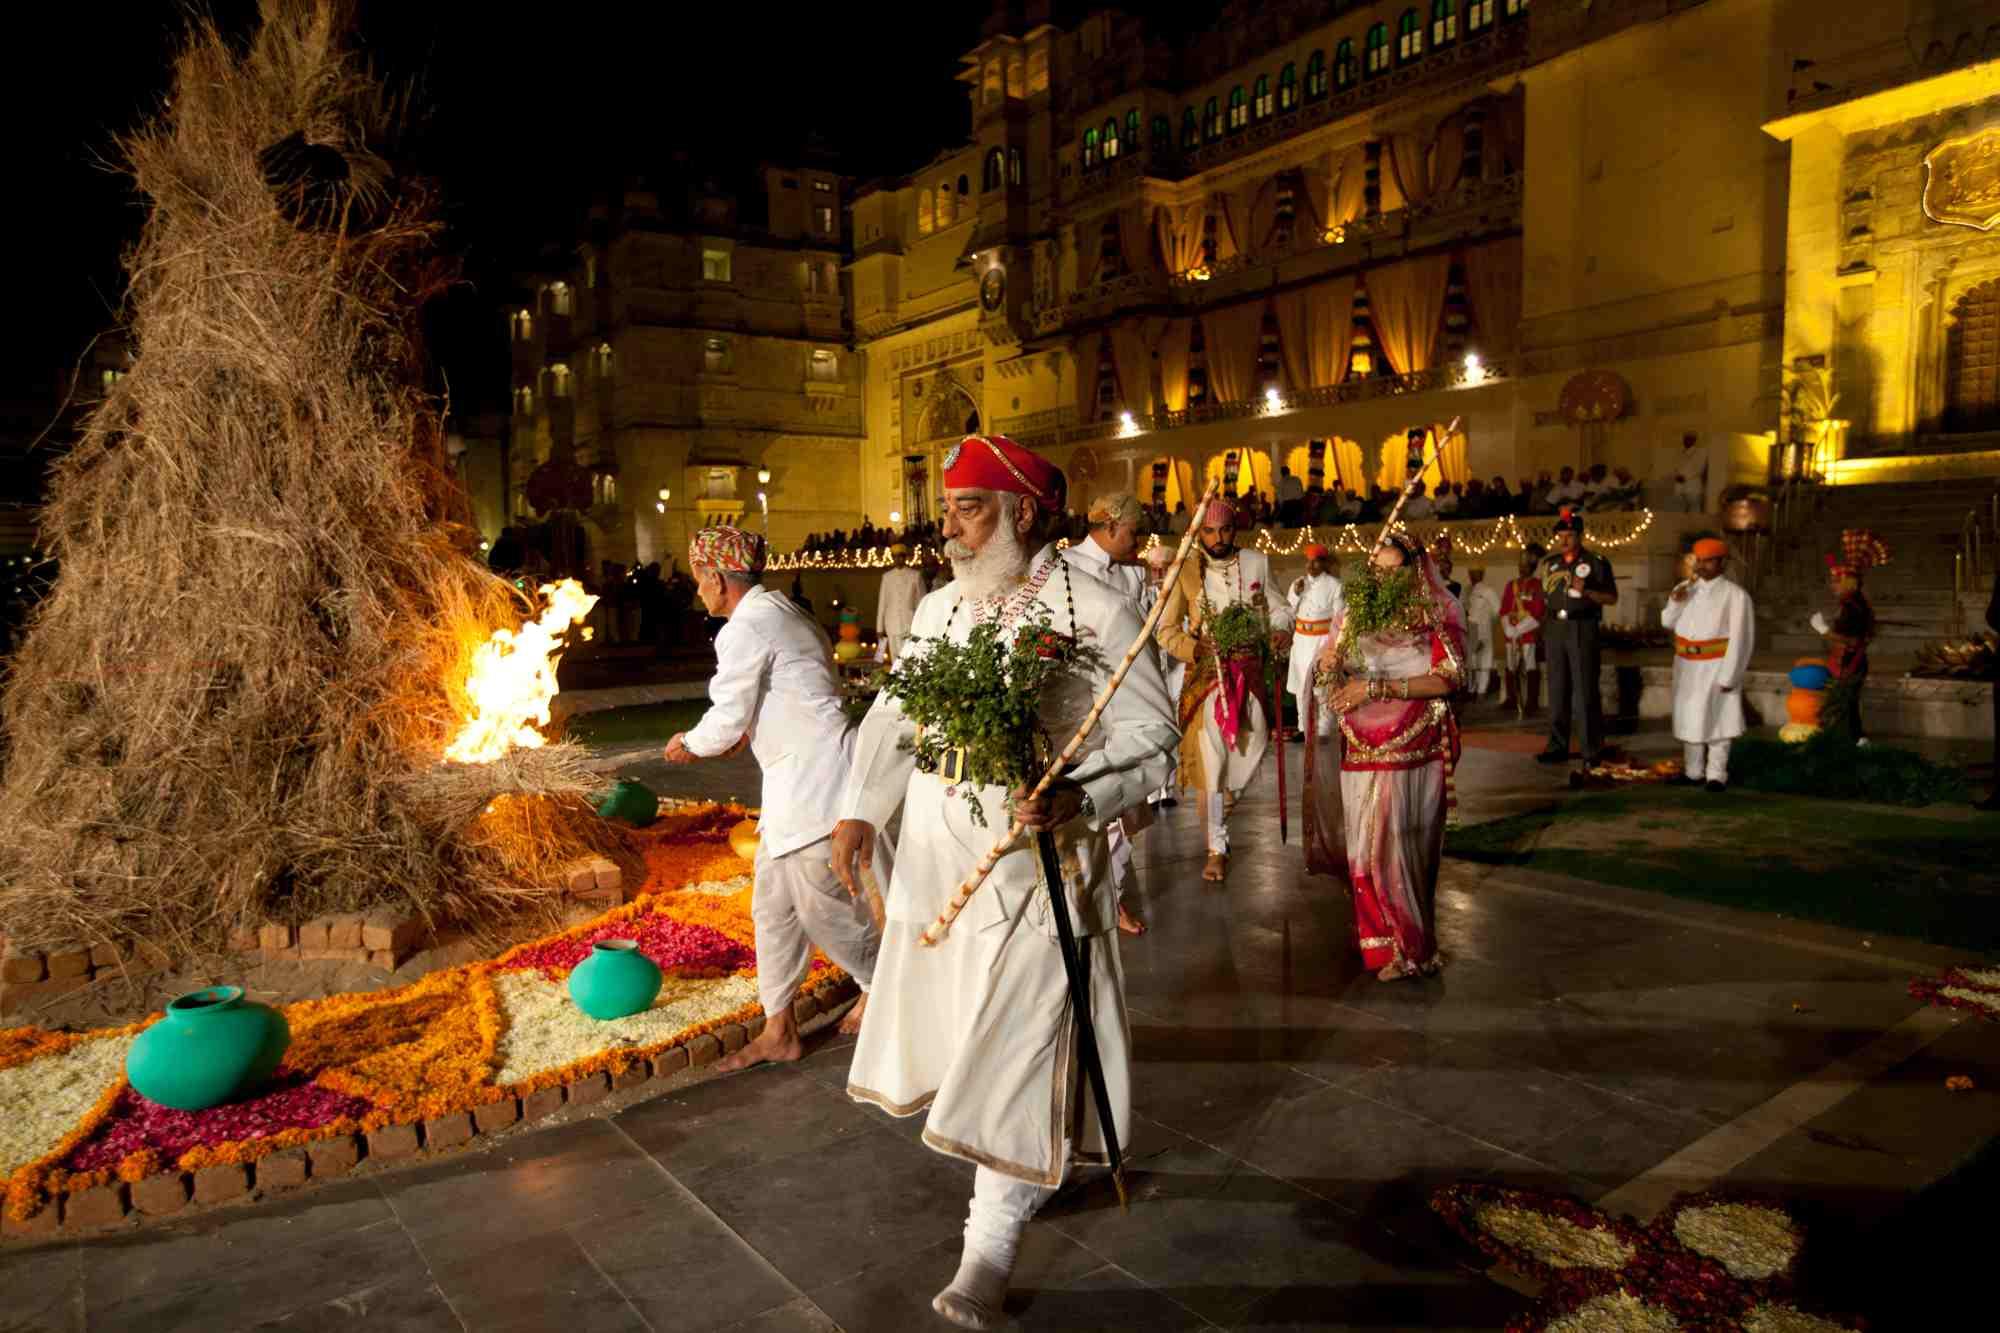 Maharana en la ceremonia de Holi, Palacio de la ciudad, Rajasthan , Holi